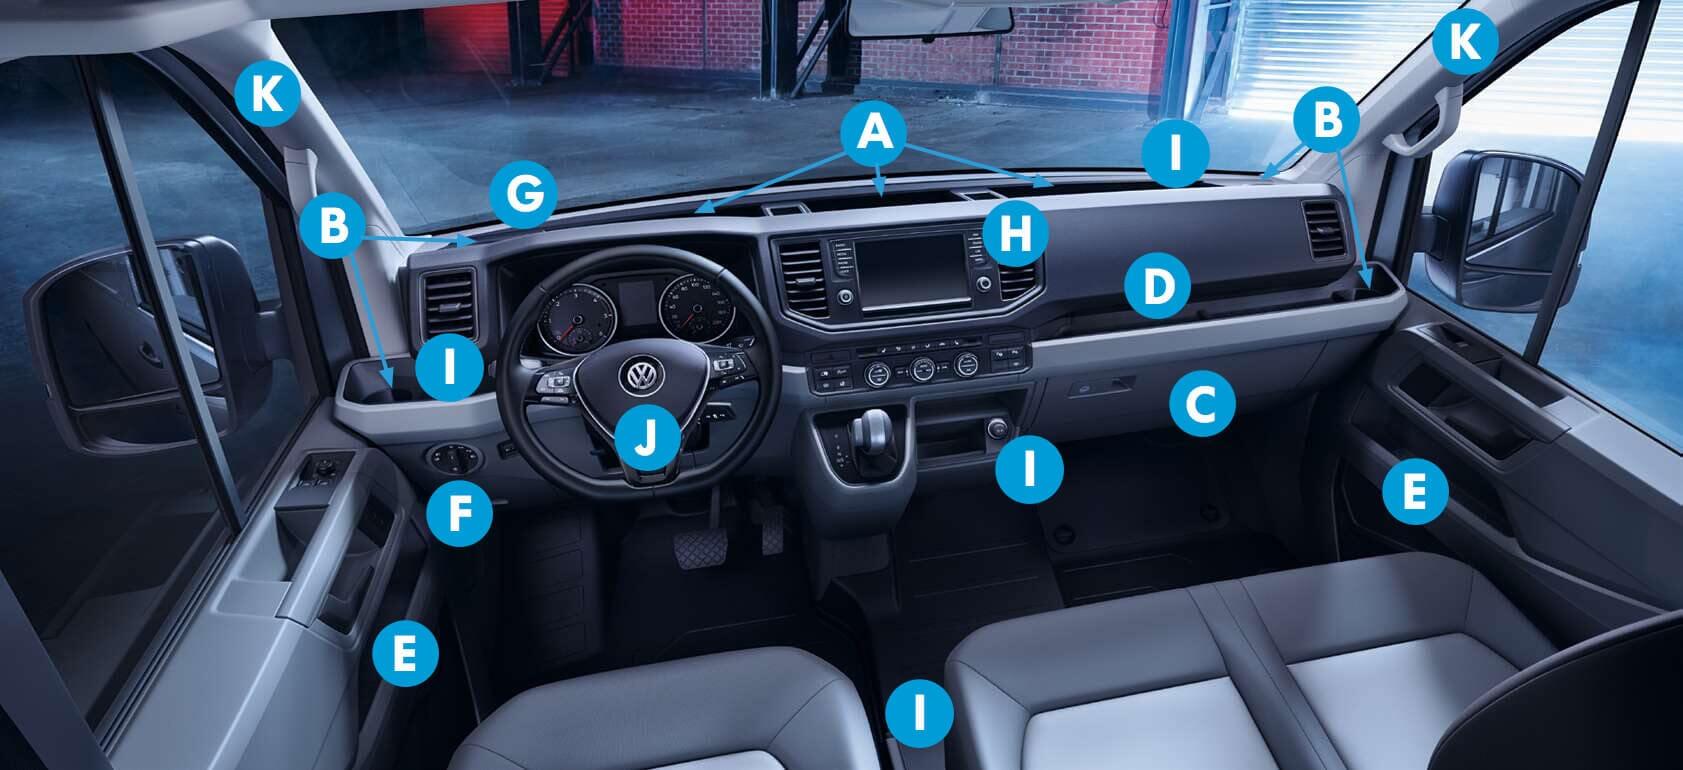 Der neue Volkswagen Crafter Fahrerkabine und Armaturenbrett